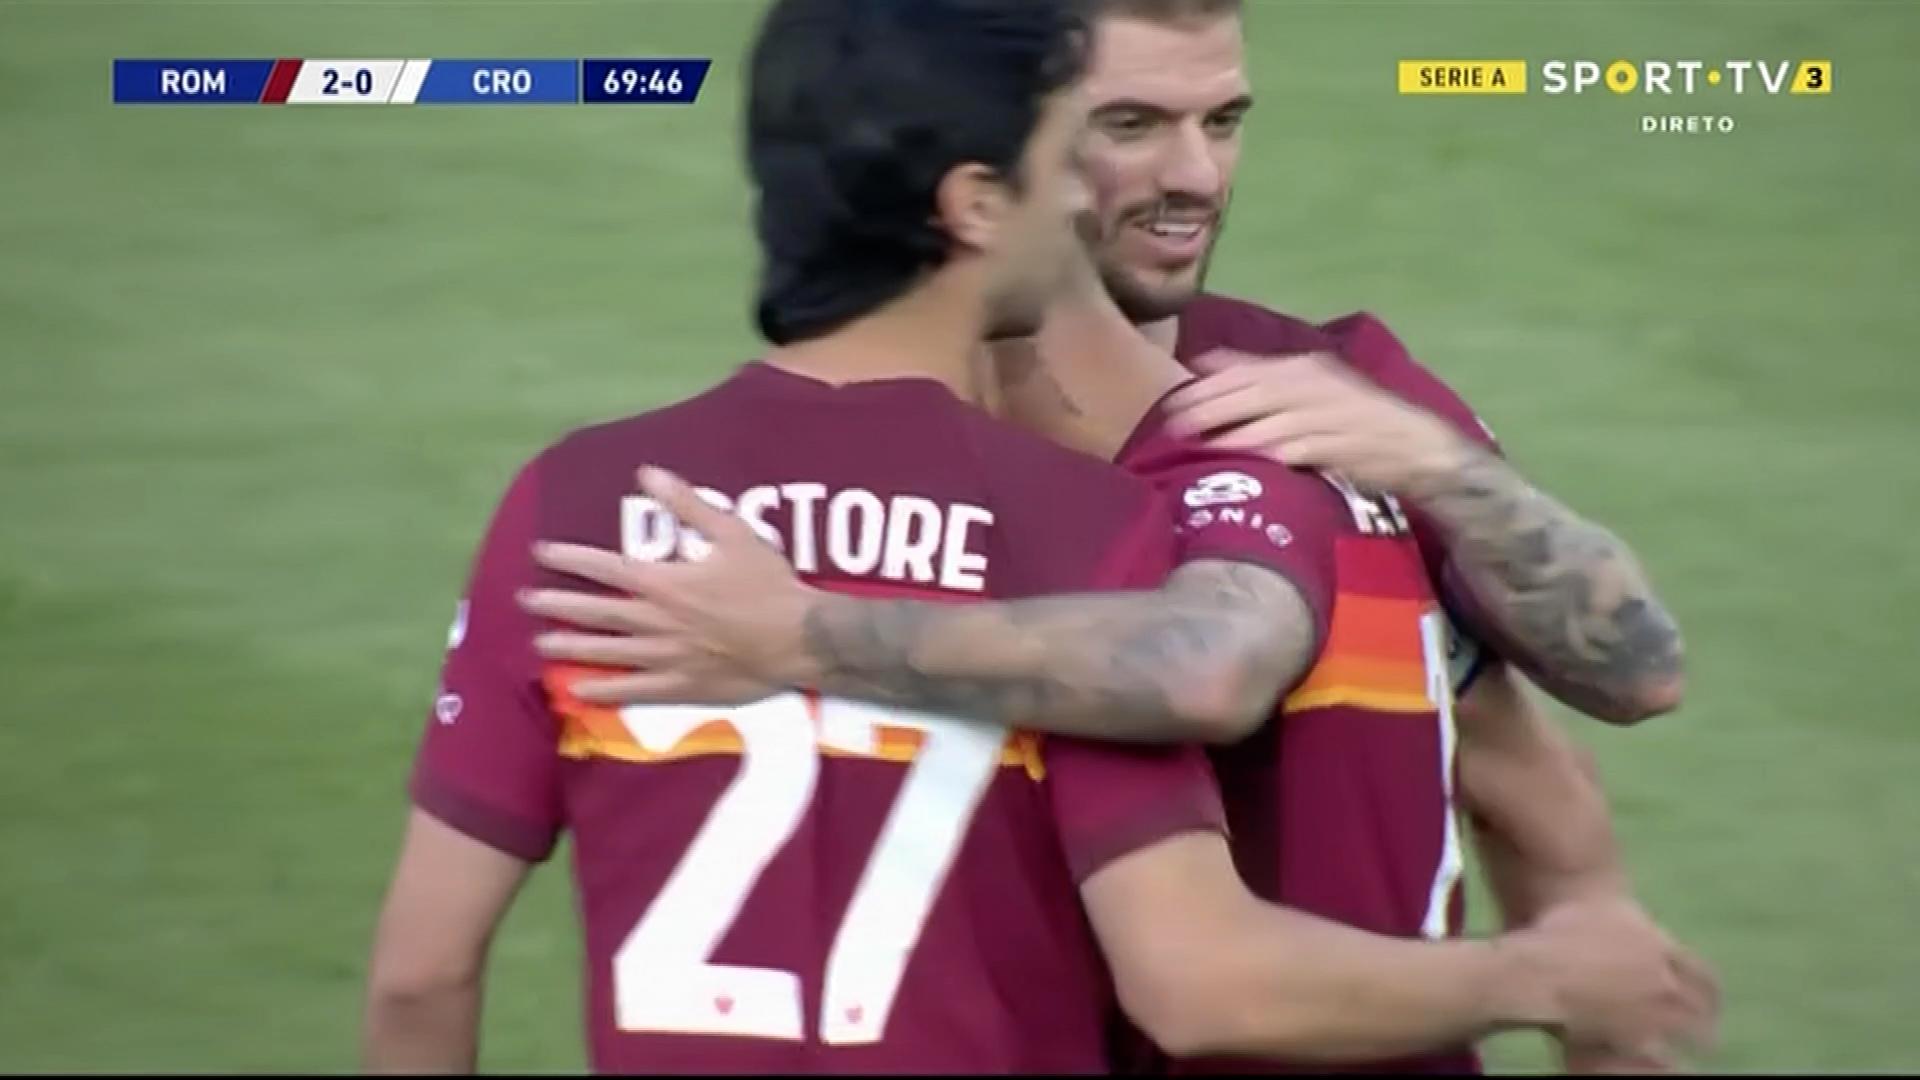 GOLO! Roma, L. Pellegrini aos 70', Roma 2-0 Crotone